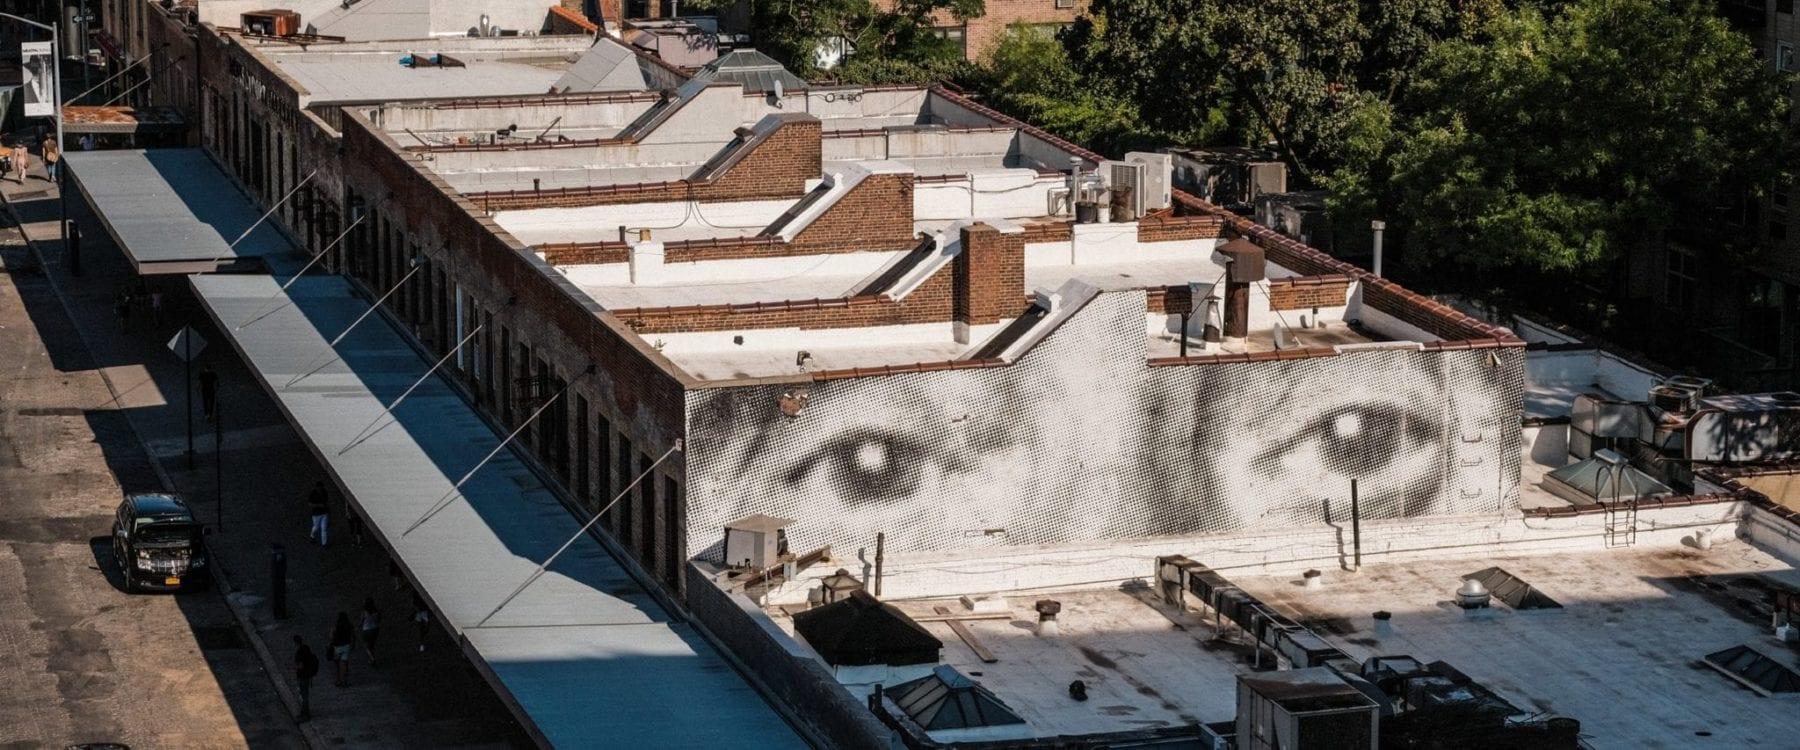 watching-you-nyc